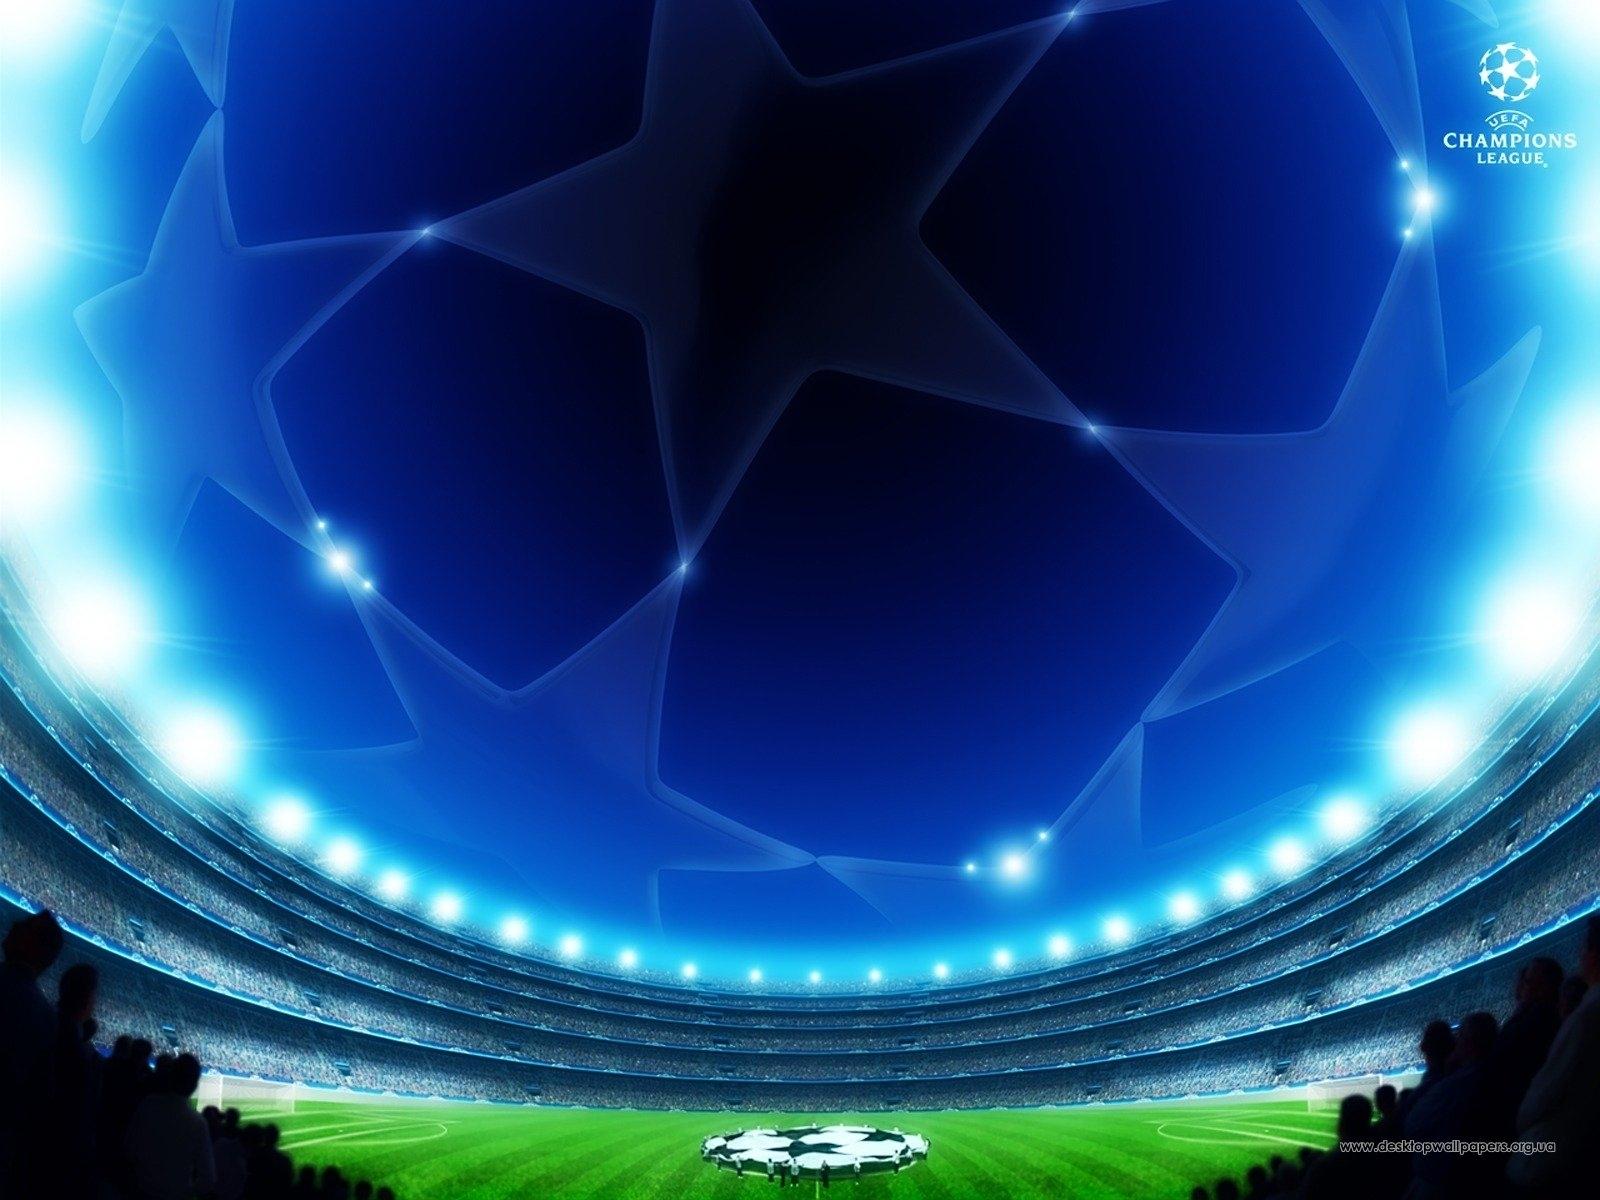 Популярные картинки Футбол в HD качестве